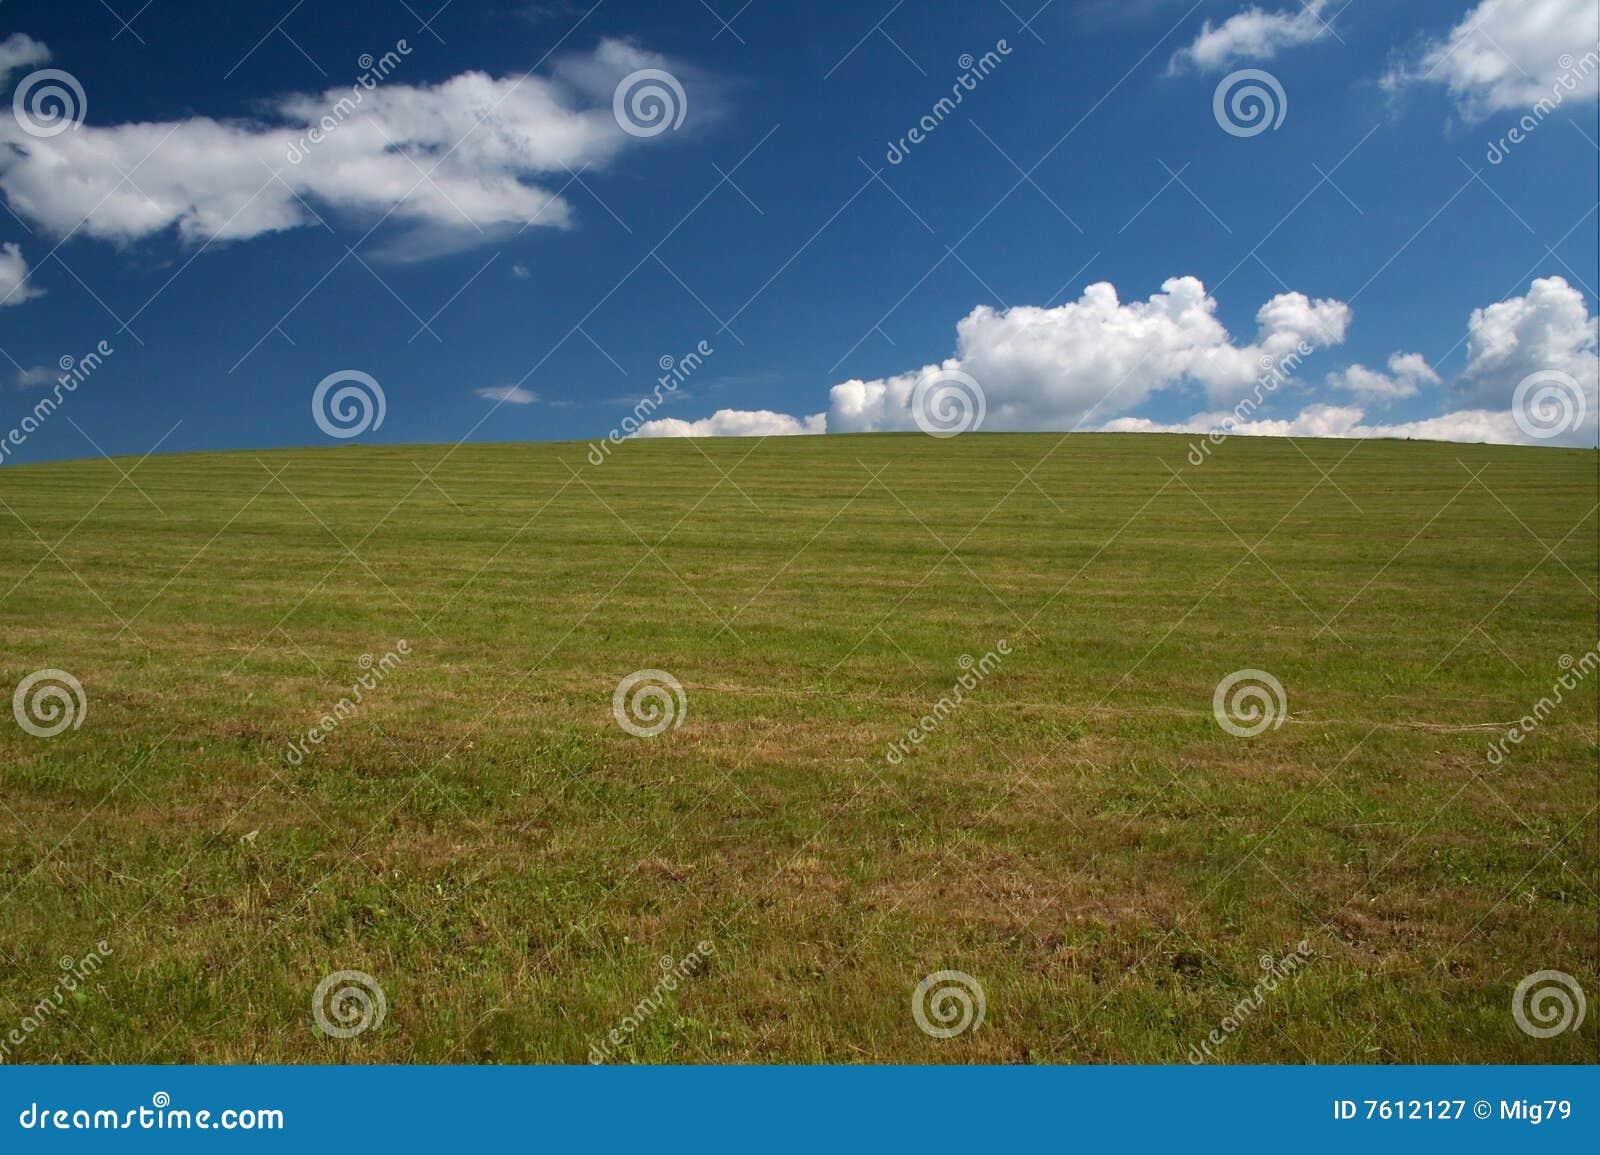 日放牧地带夏天